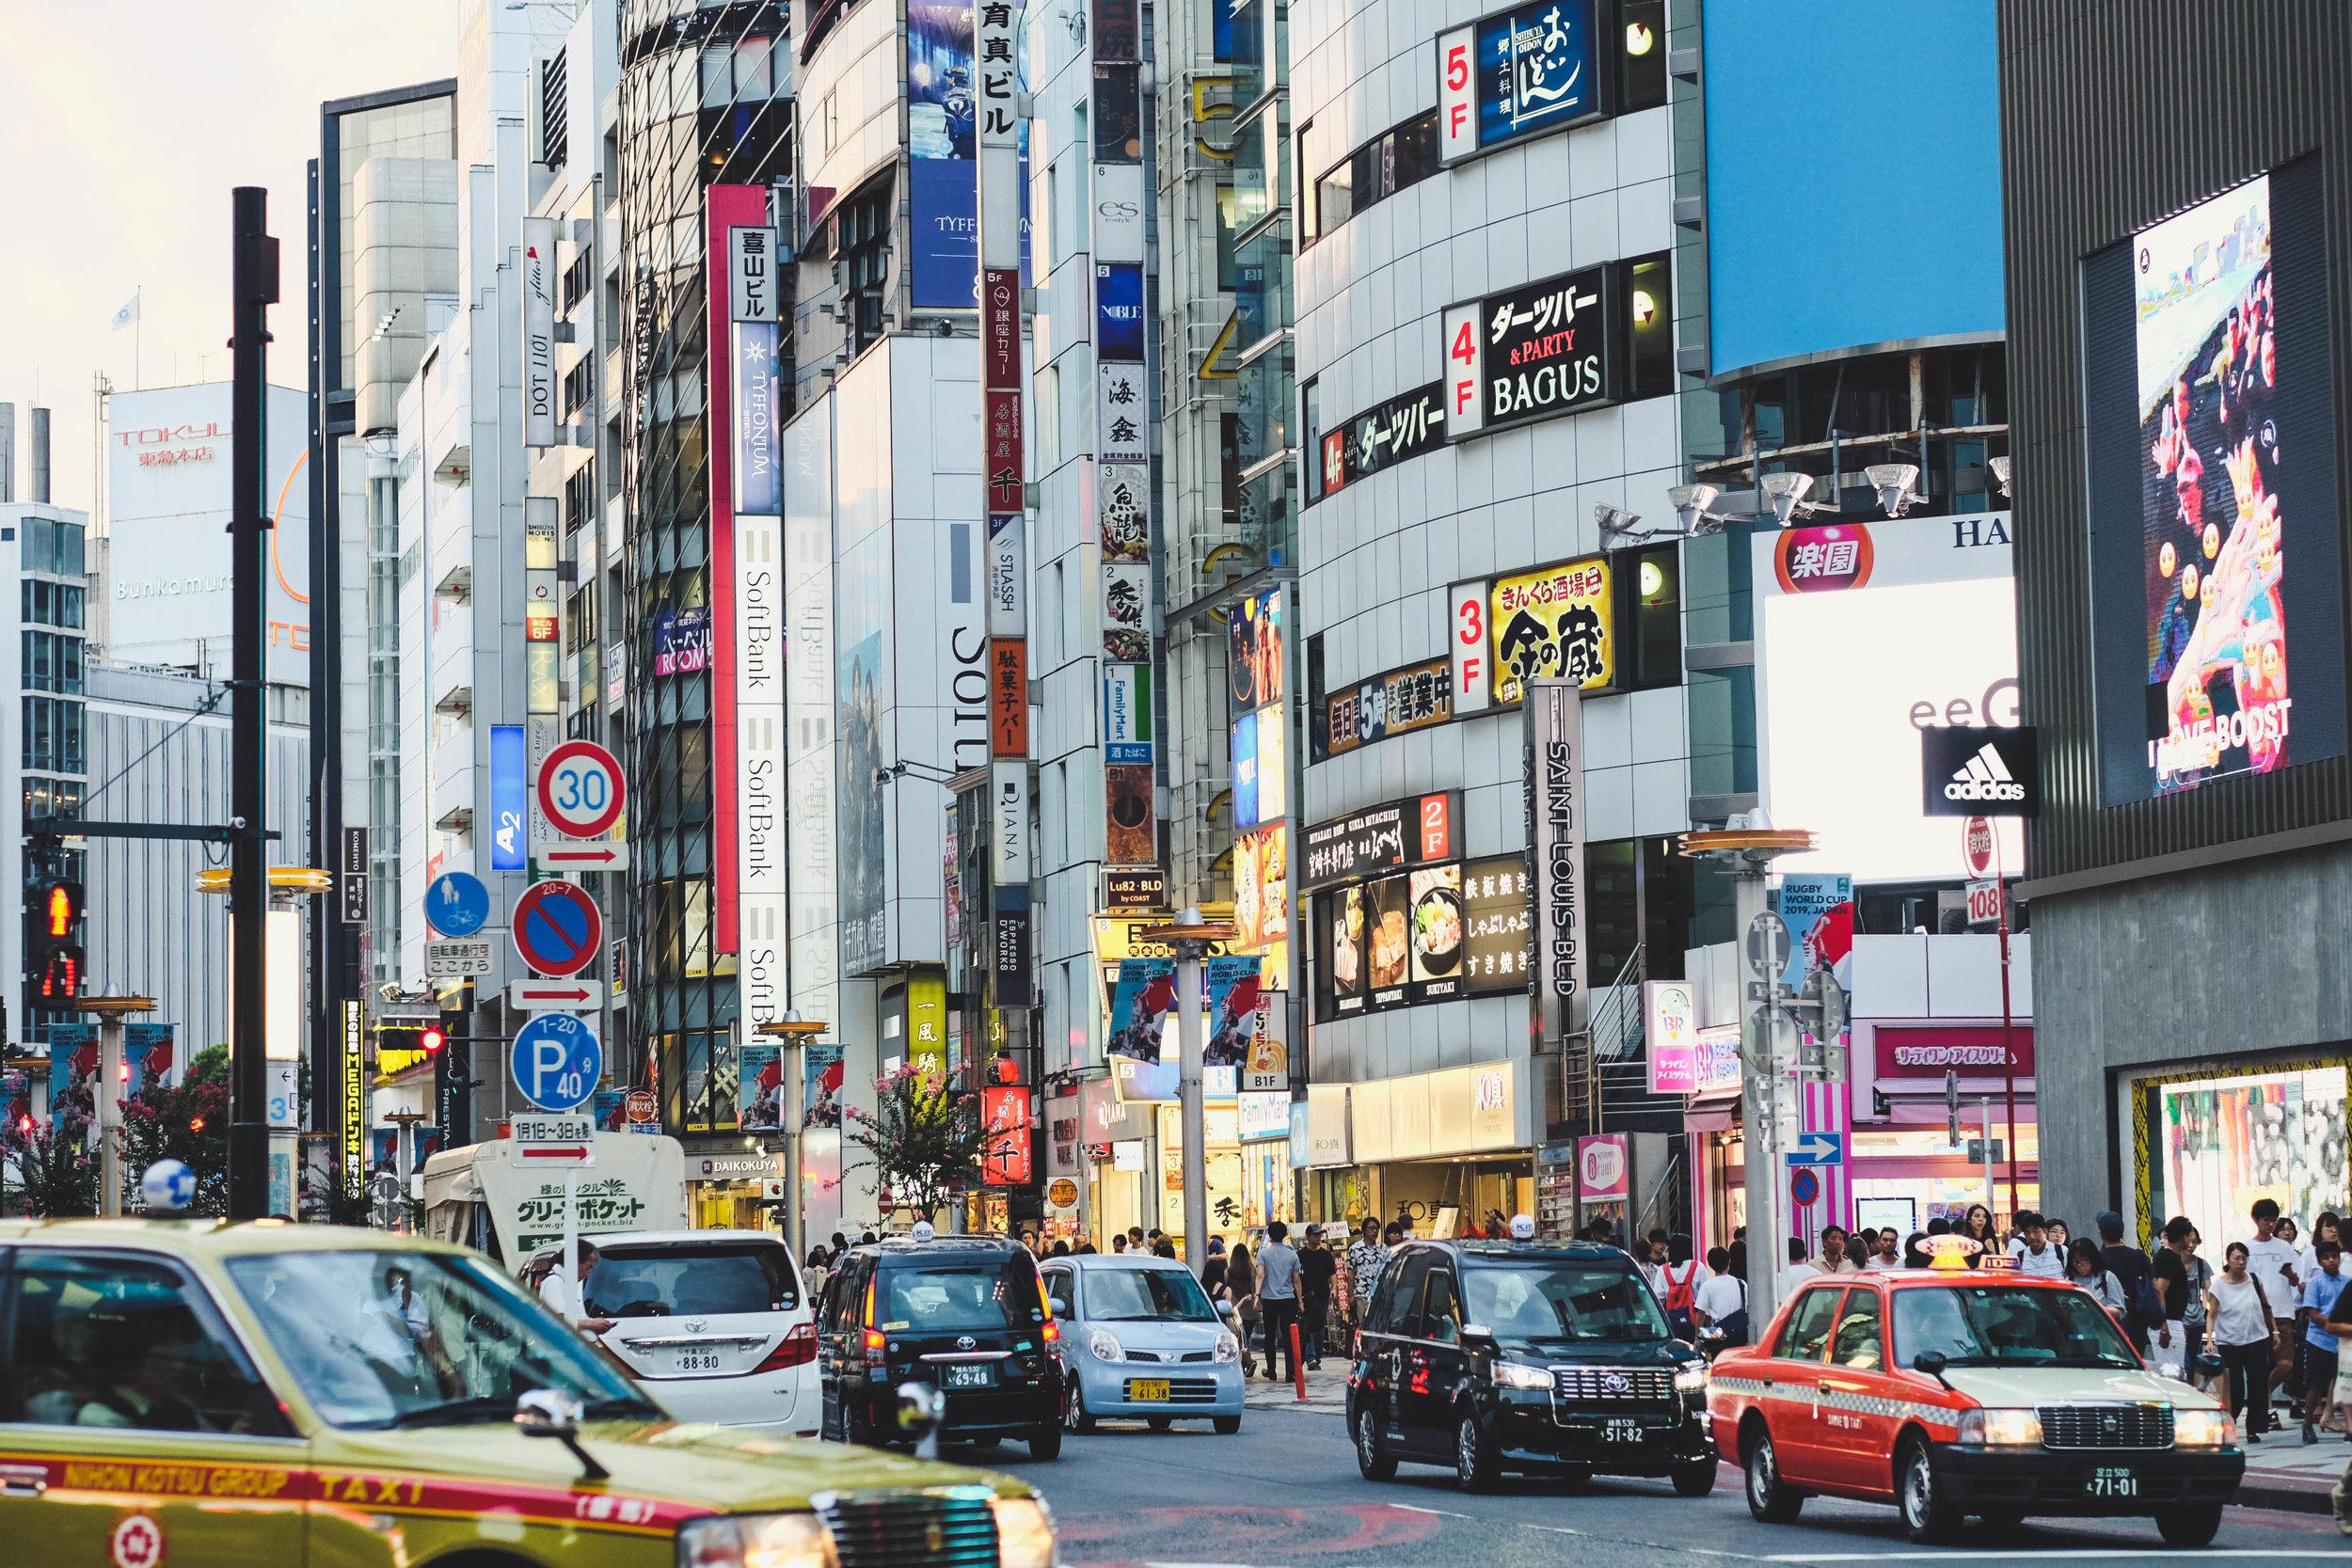 8.26.19_tokyo-14.jpg